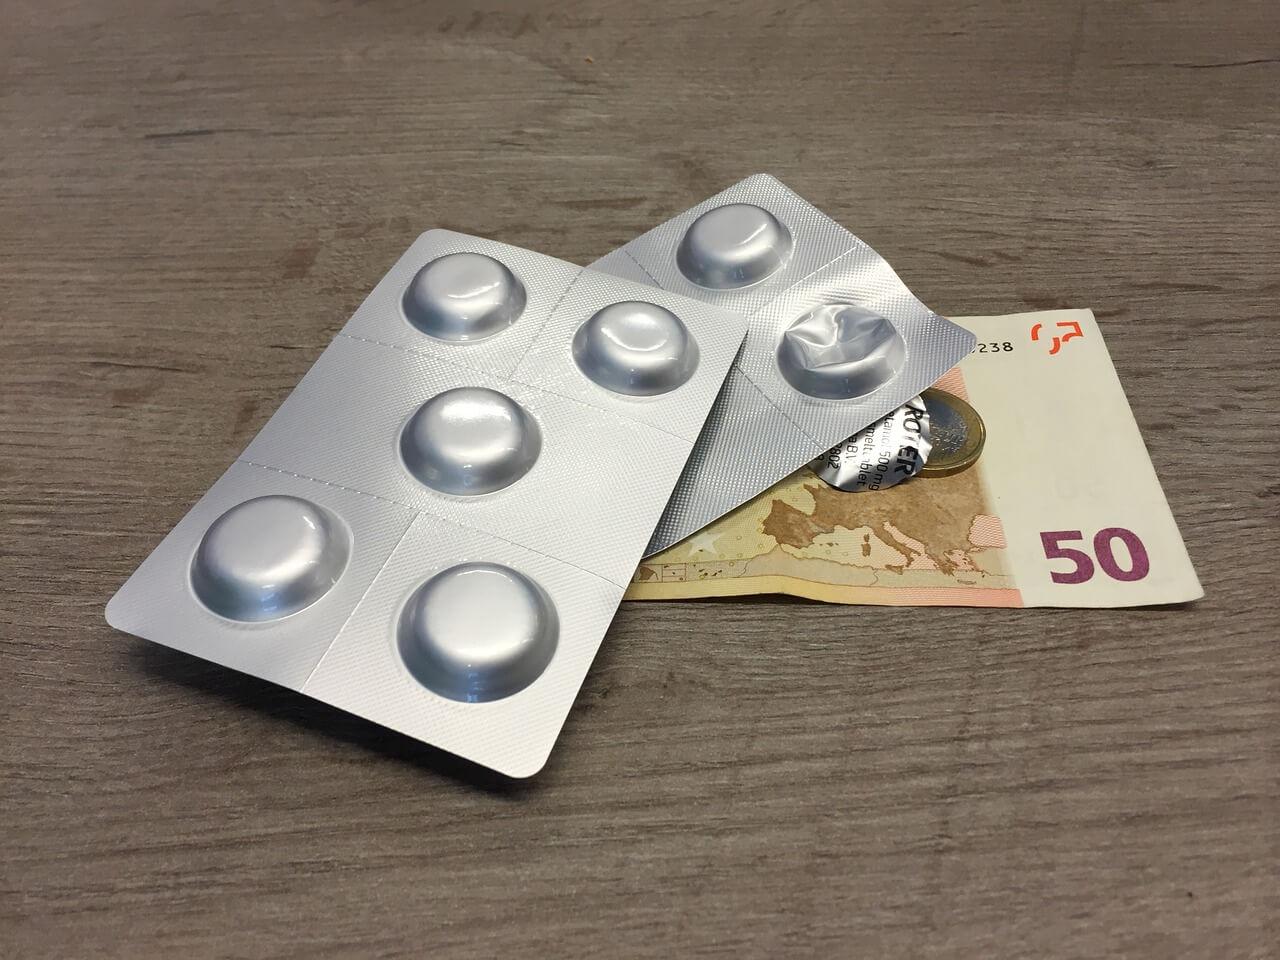 Krankenversicherung: Geringere Belastungsgrenze für Zuzahlungen in 2018